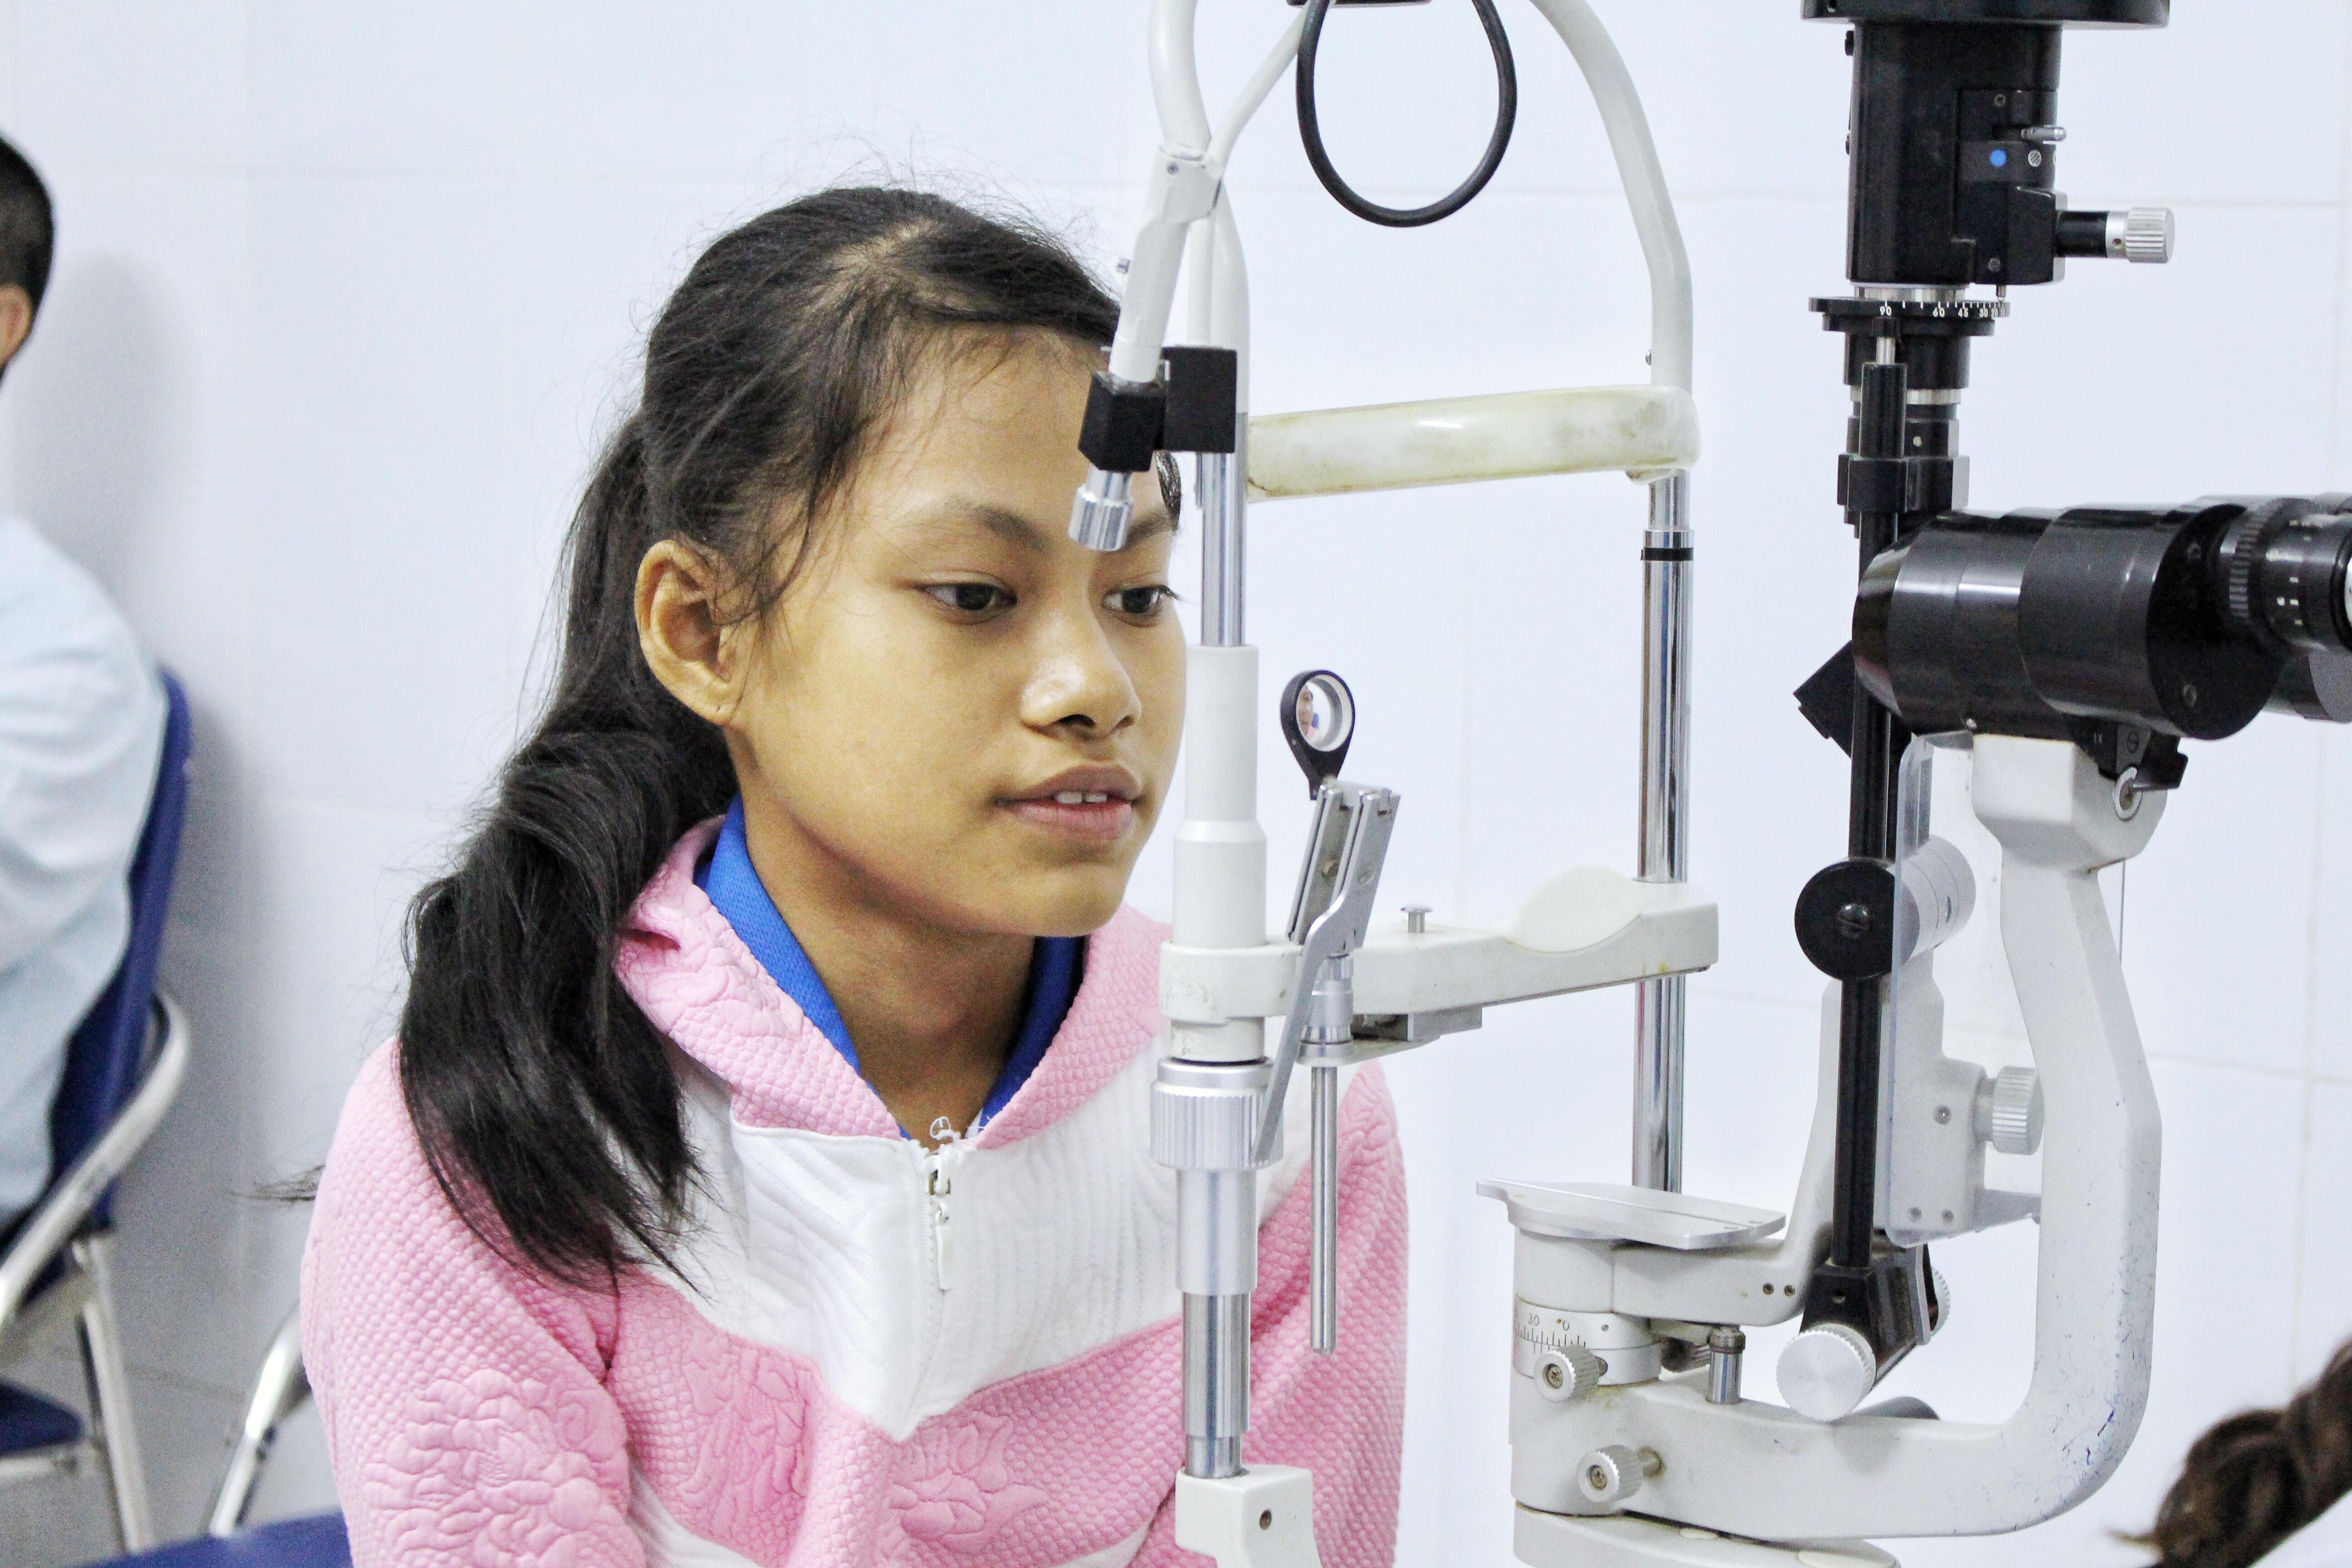 Khám và điều trị mắt cận thị tại bệnh viên mắt Hà Đông